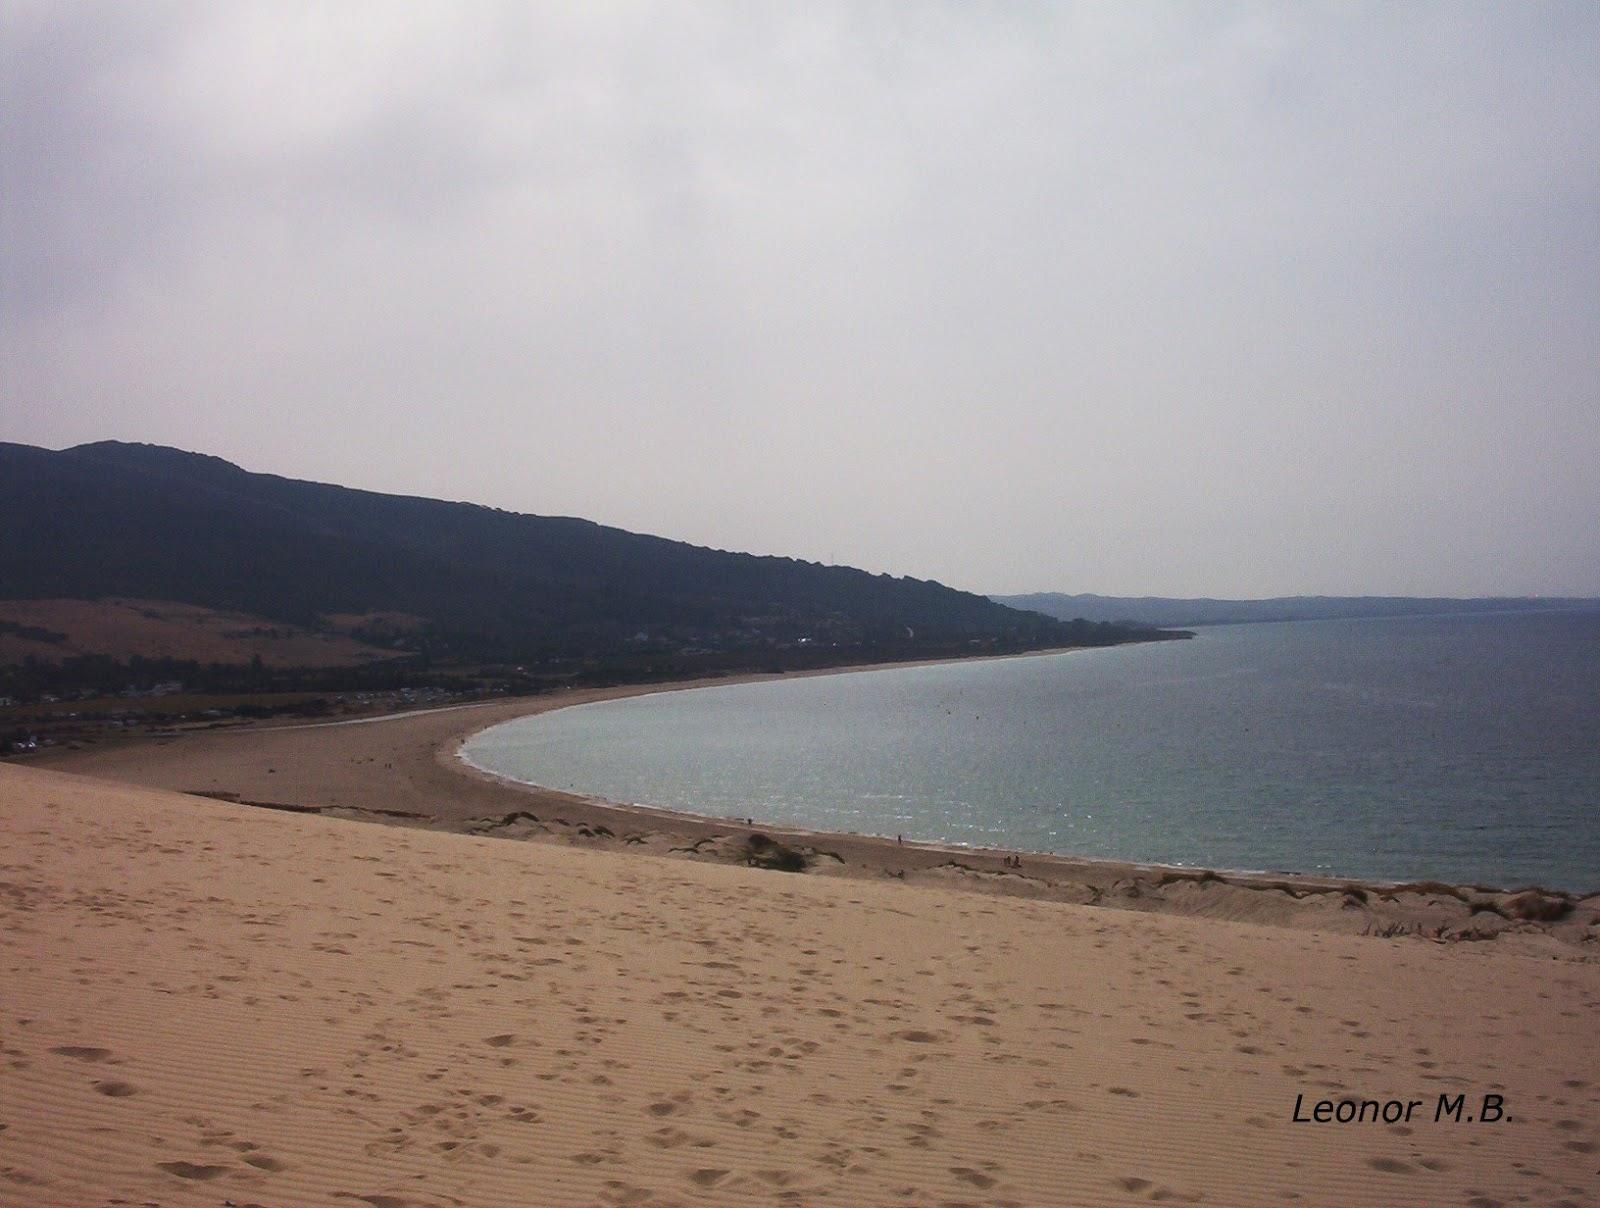 Playa del castillo un paseo por tierras gaditanas for Camping jardin de las dunas tarifa